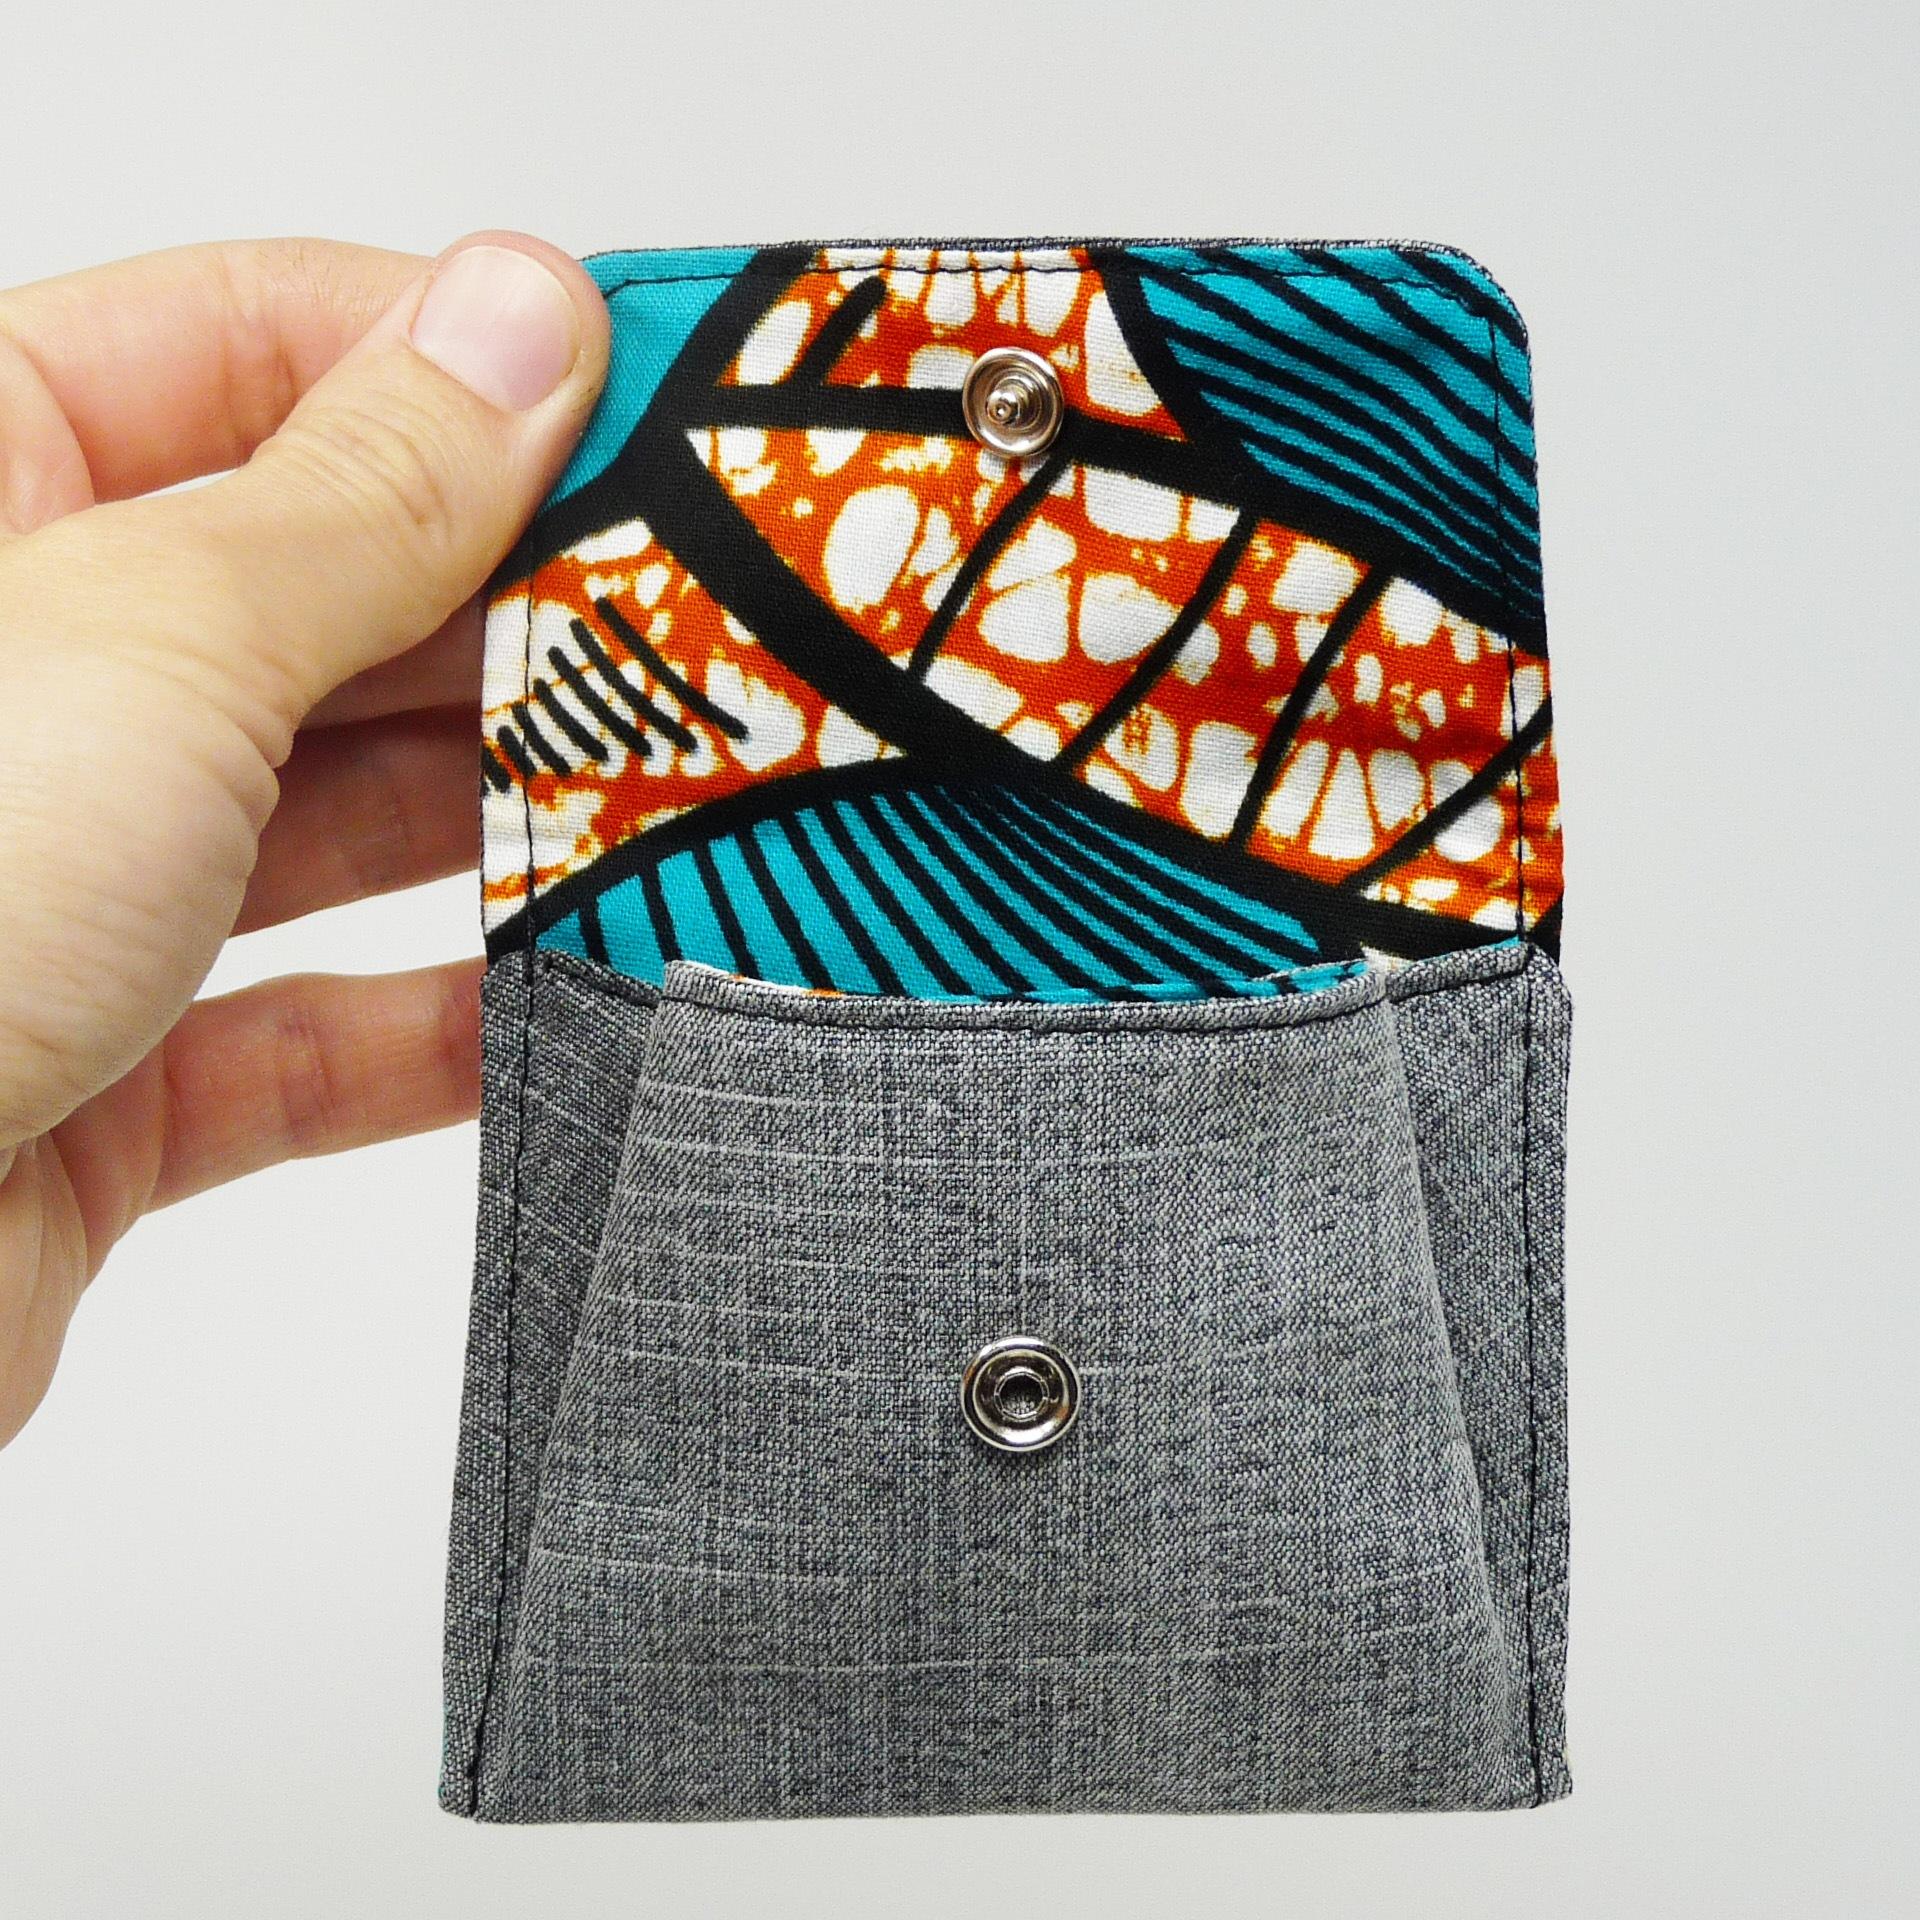 Porte-monnaie en tissu africain wax